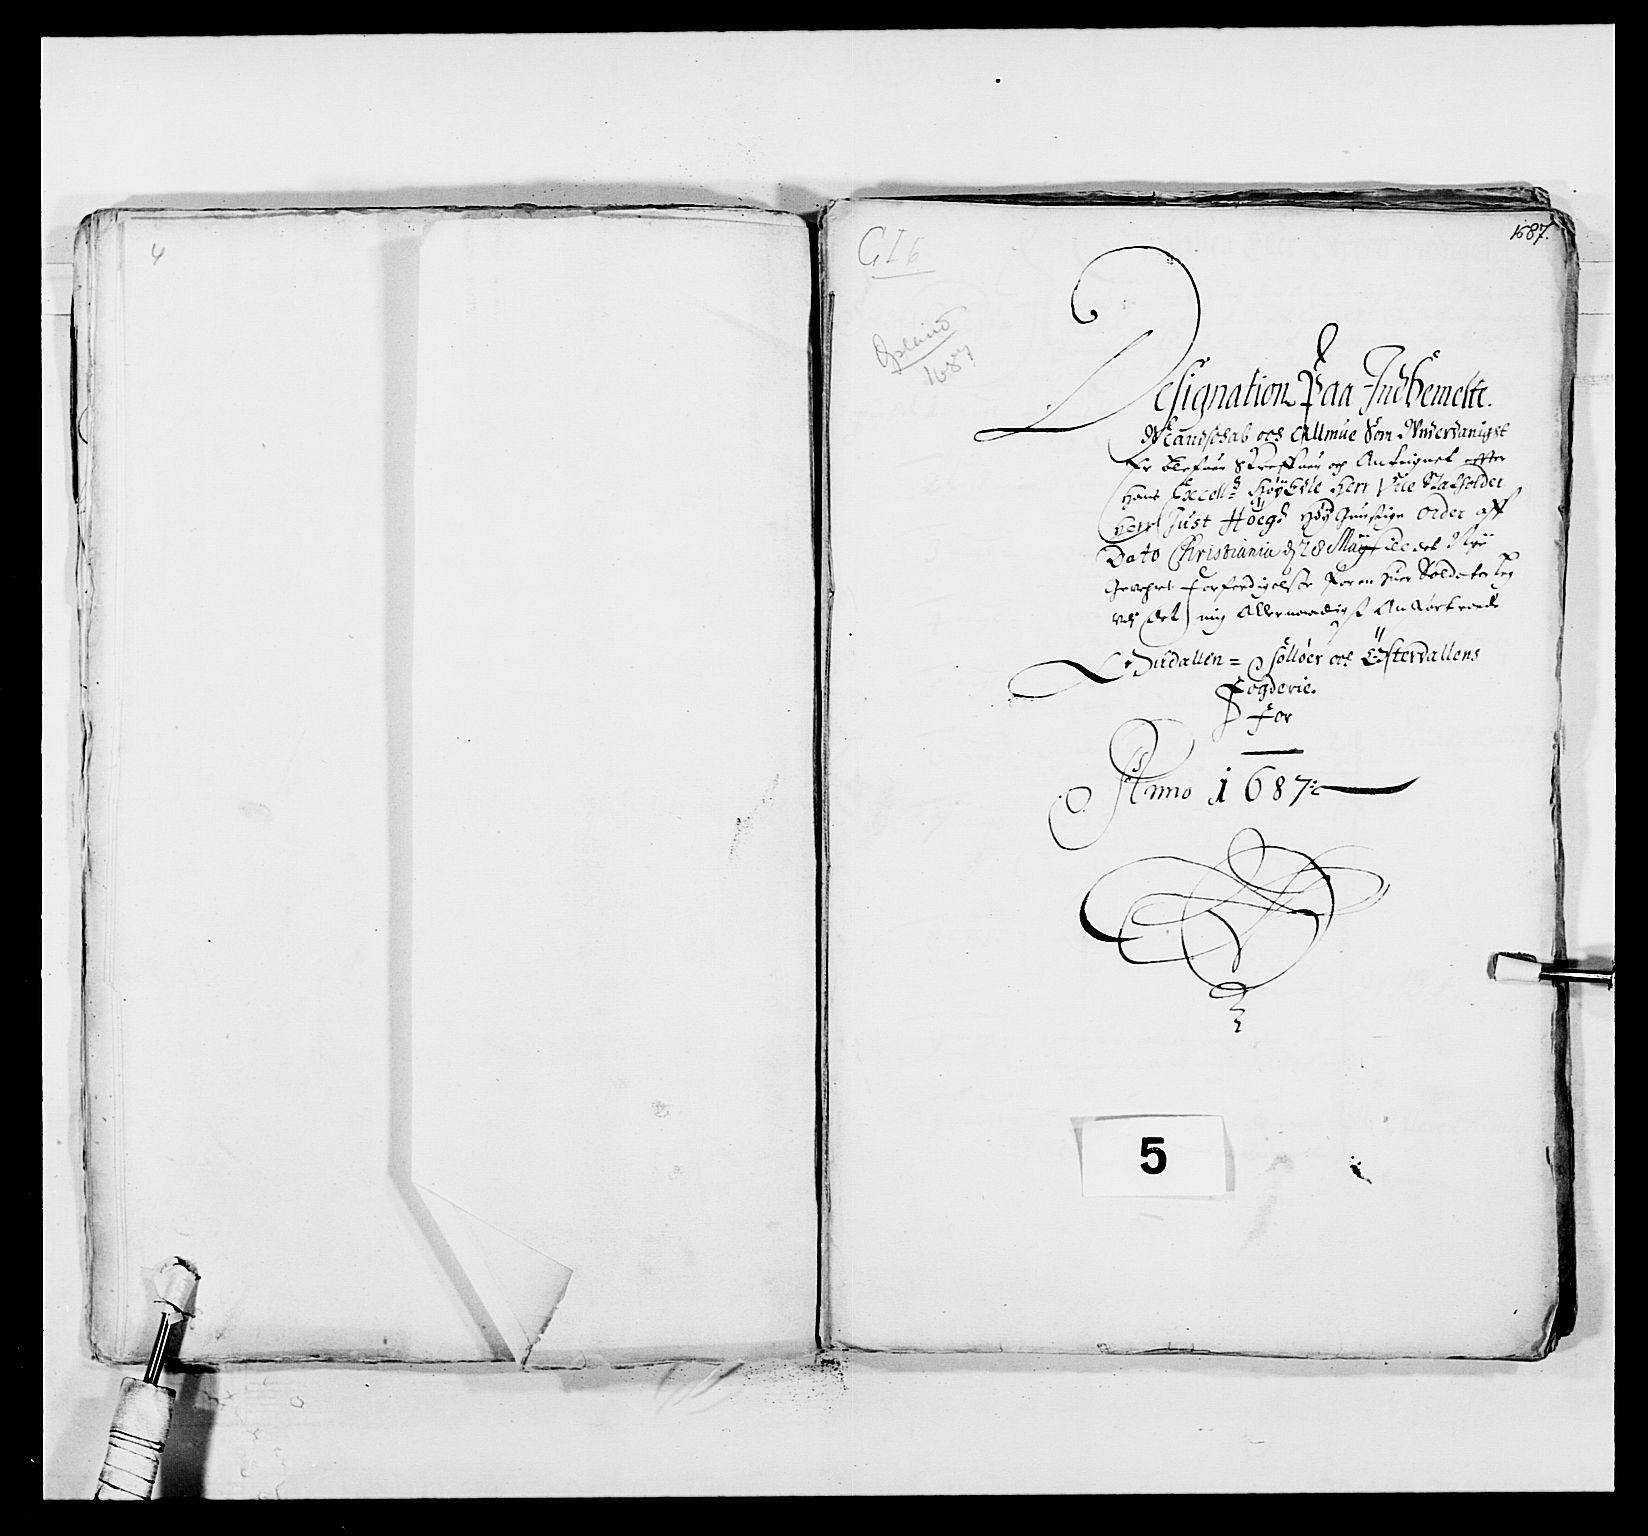 RA, Kommanderende general (KG I) med Det norske krigsdirektorium, E/Ea/L0498: Opplandske regiment, 1662-1689, s. 371